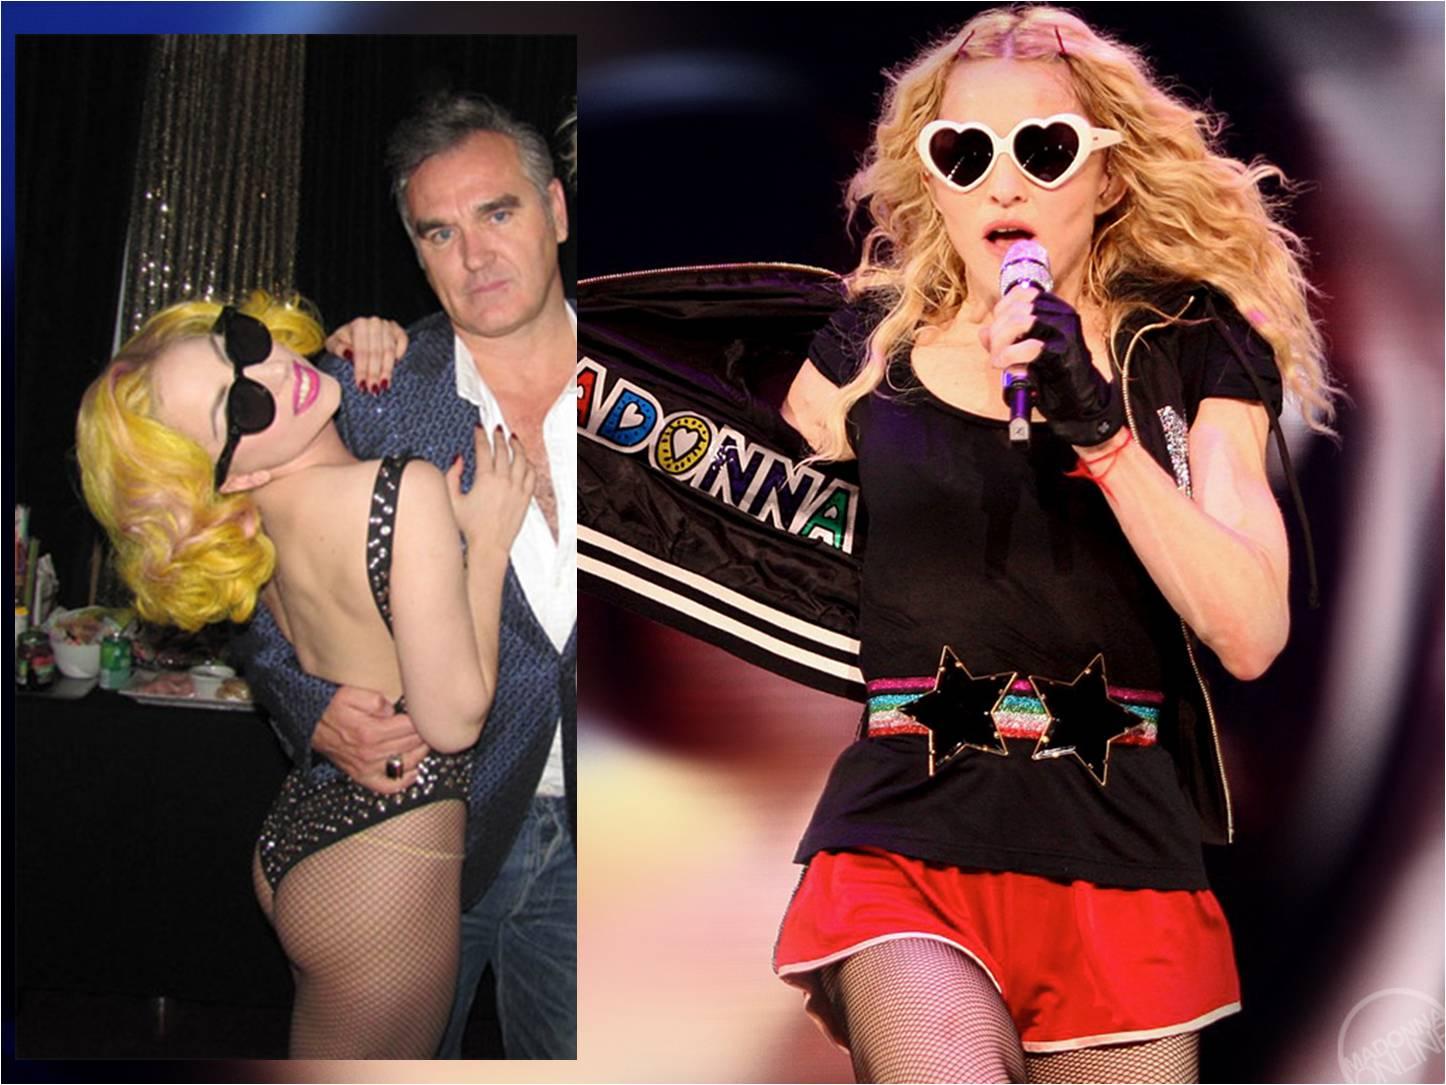 9e92380354426 O boato da vez são os supostos show de Madonna e Lady Gaga no Brasil em  2012. Mais precisamente no final do ano, dezembro e novembro,  respectivamente.